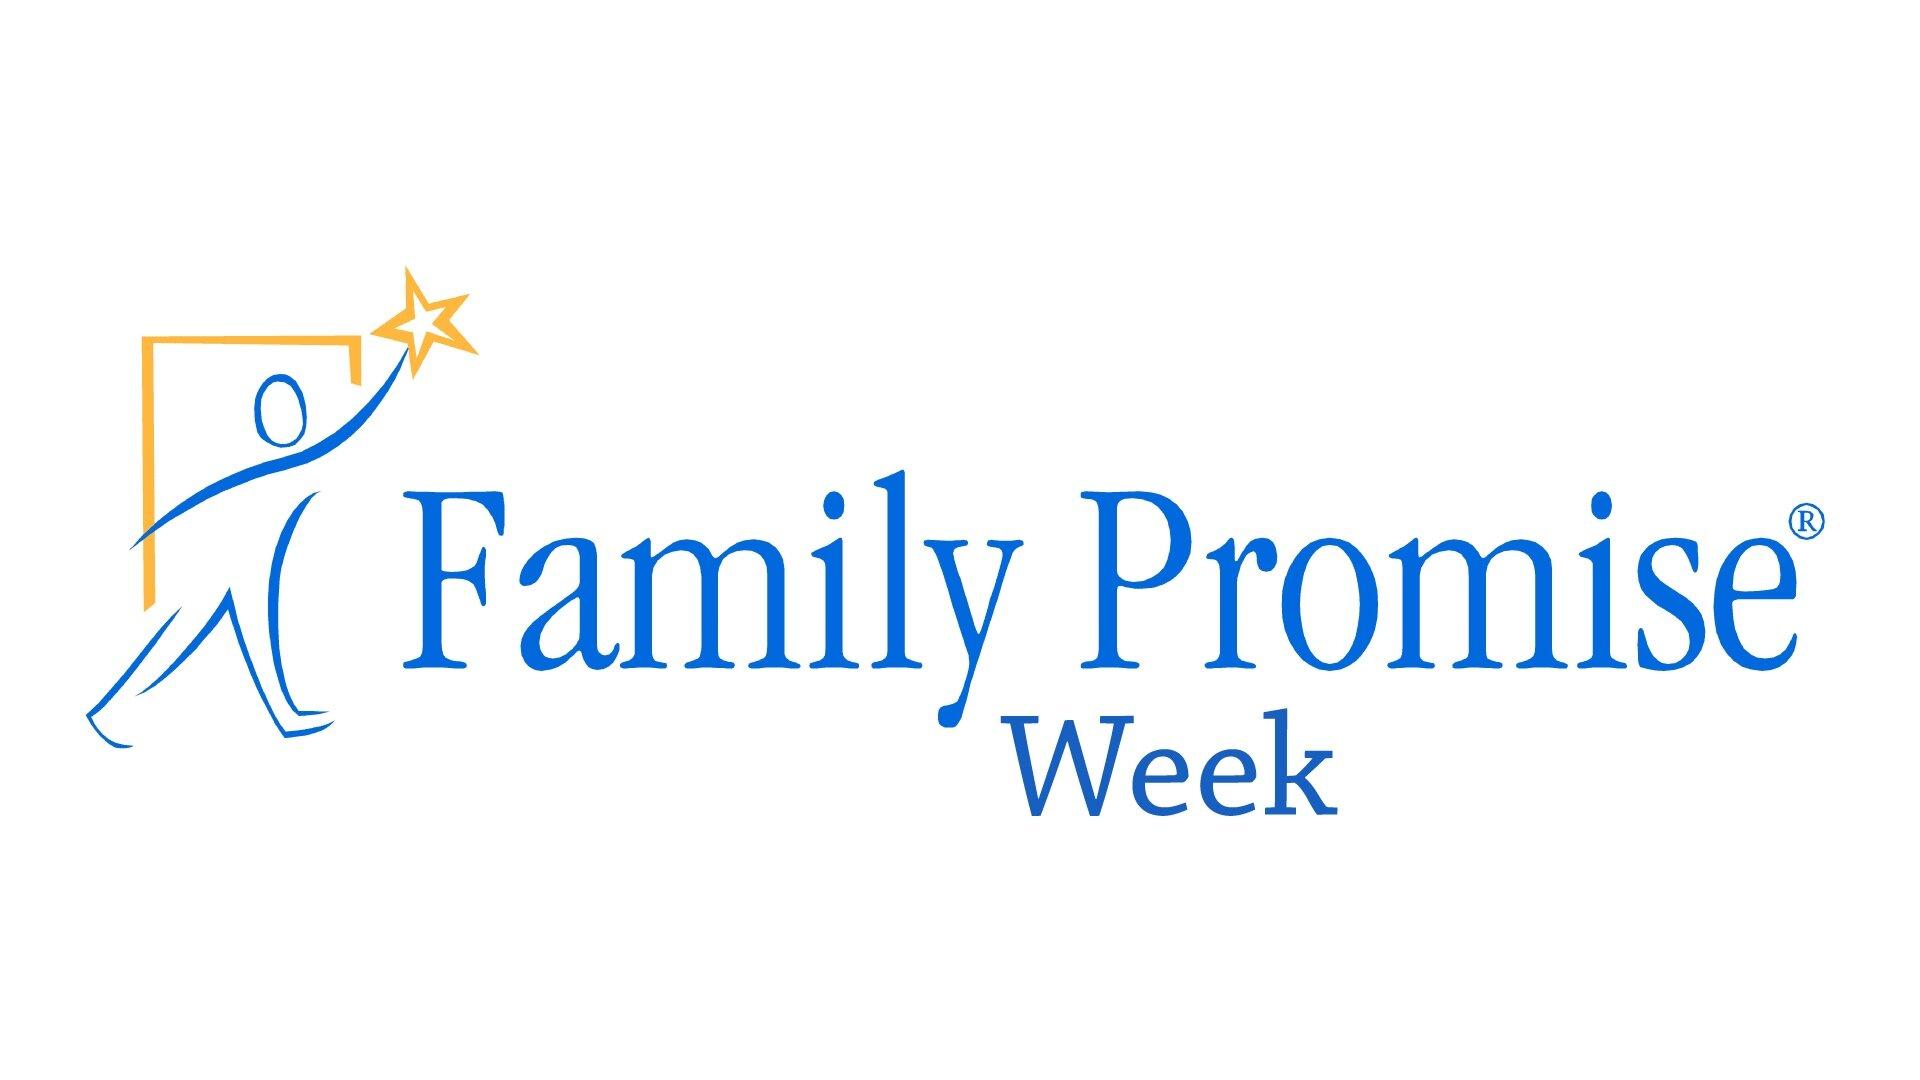 FP_Week_Website_1920-8.jpg